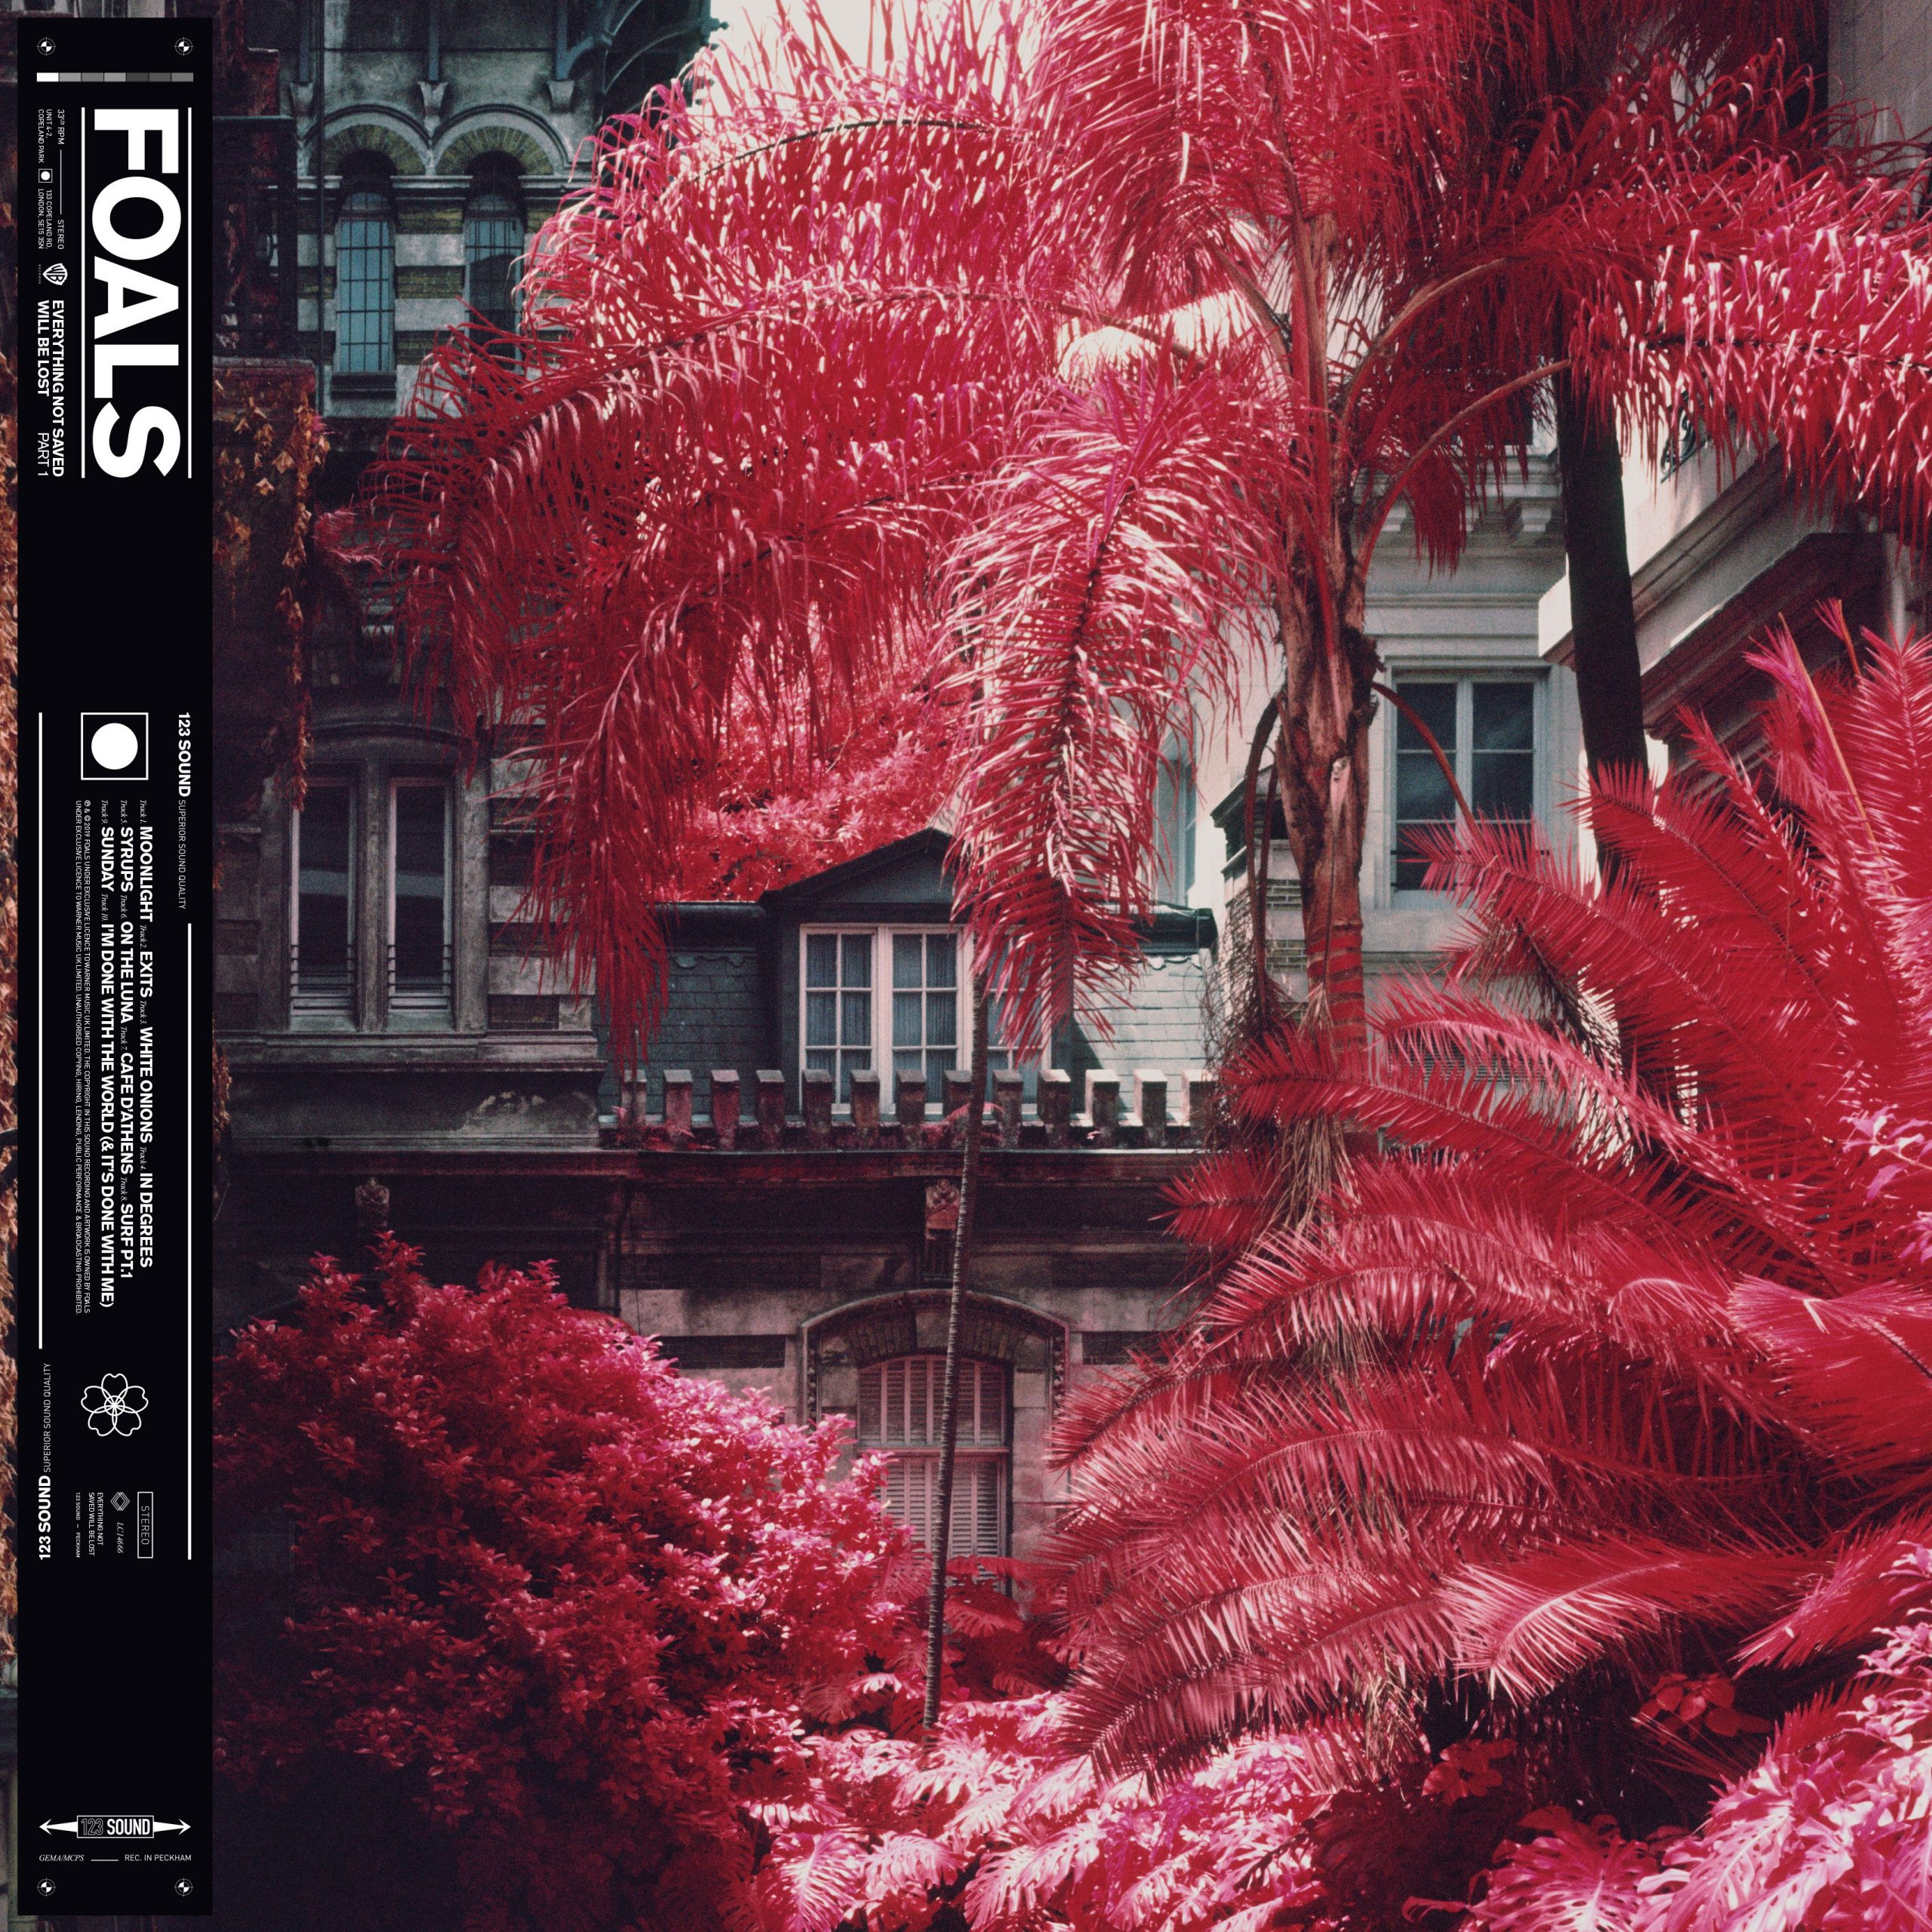 Prvi od dva najavljena albuma grupe Foals stigao u Dancing Bear shopove